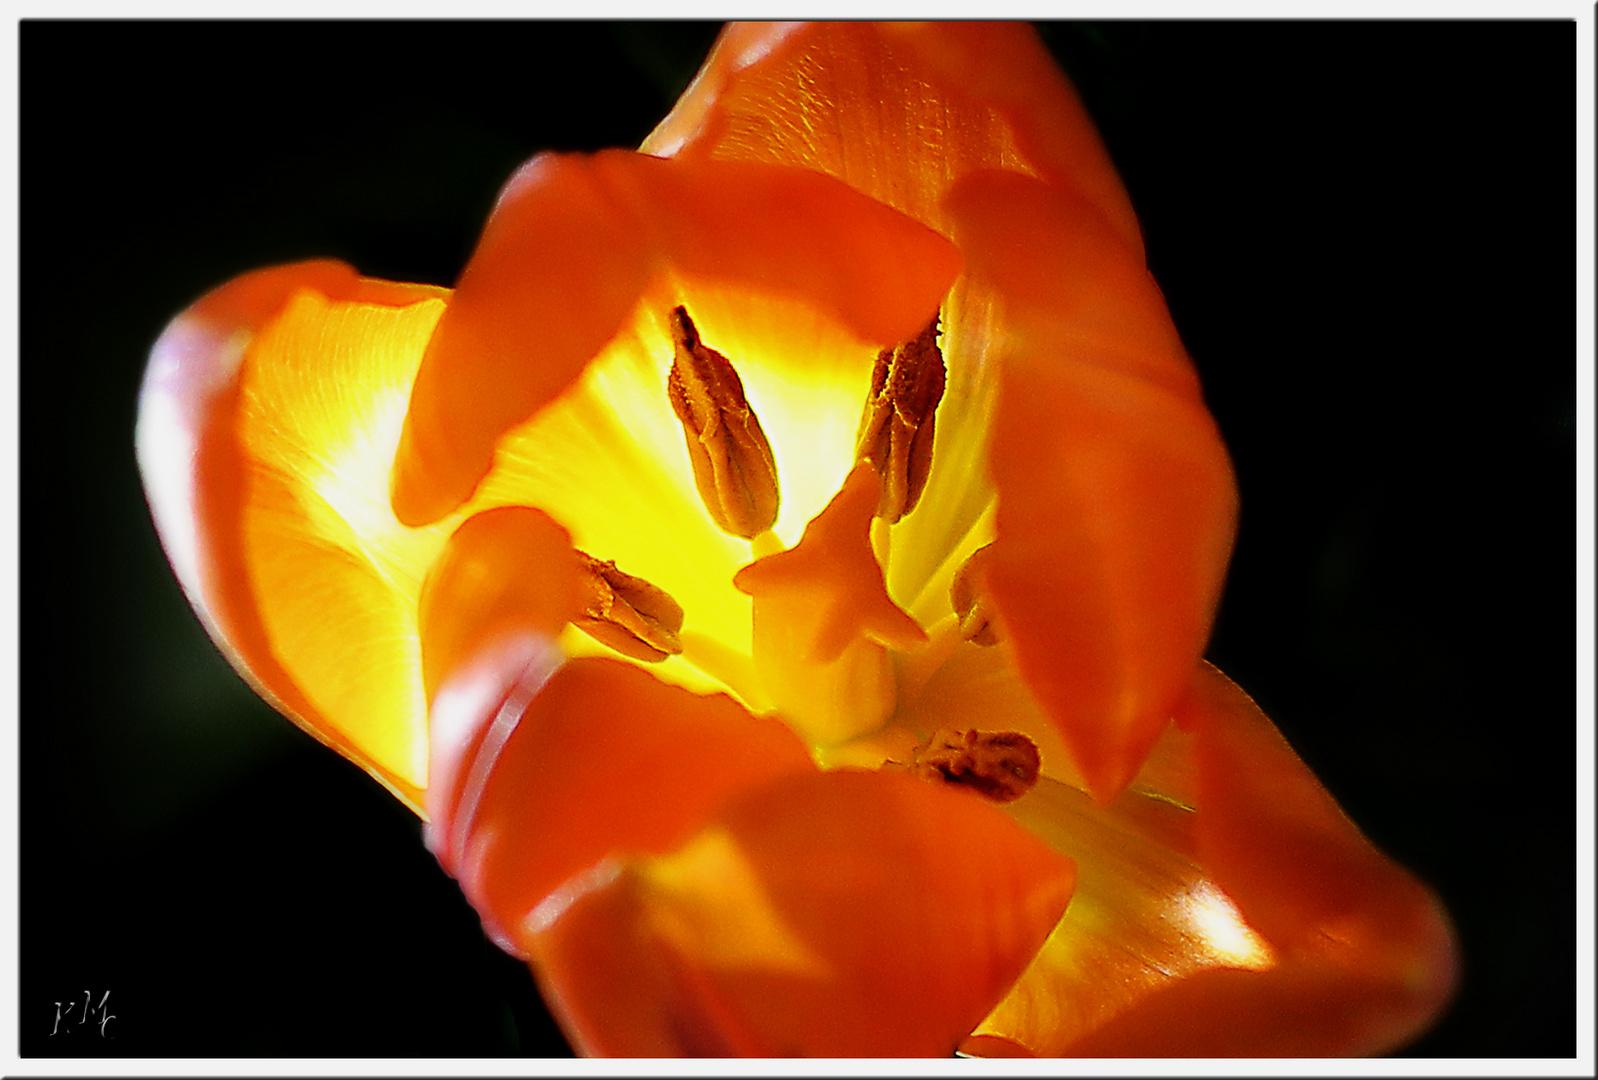 die Tulpenblüte ist erwacht